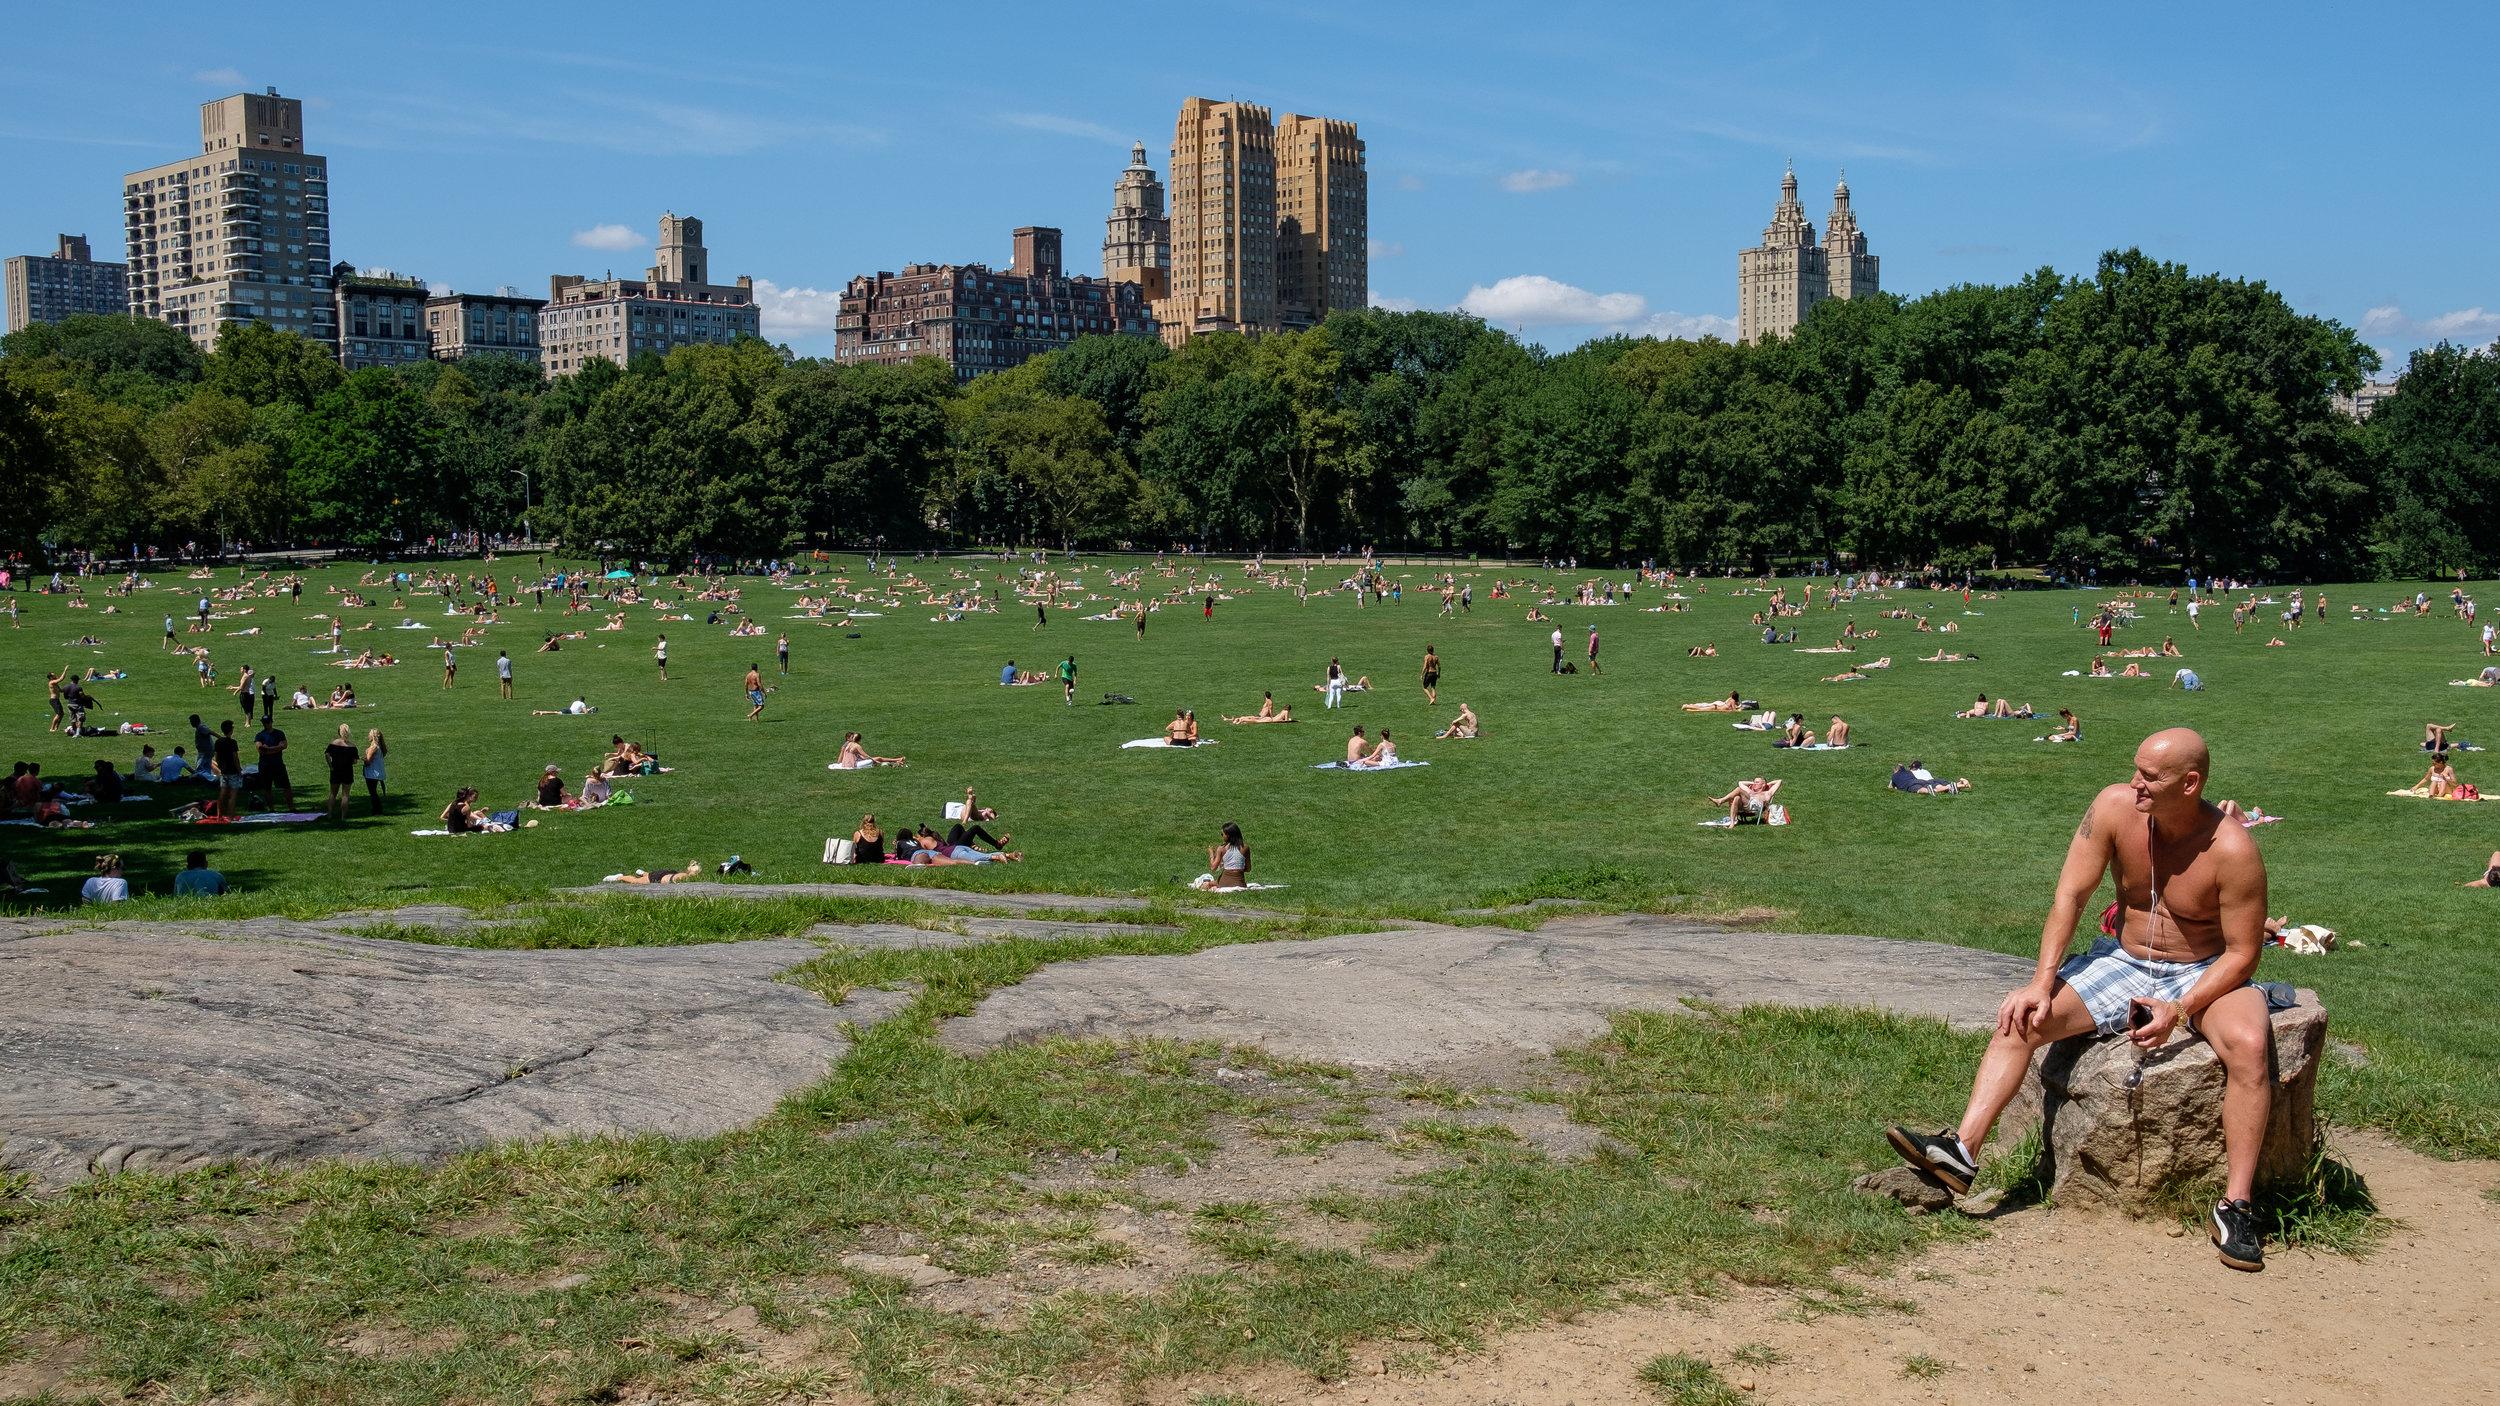 Central Park Sunday Aug 13 2017-1.jpg